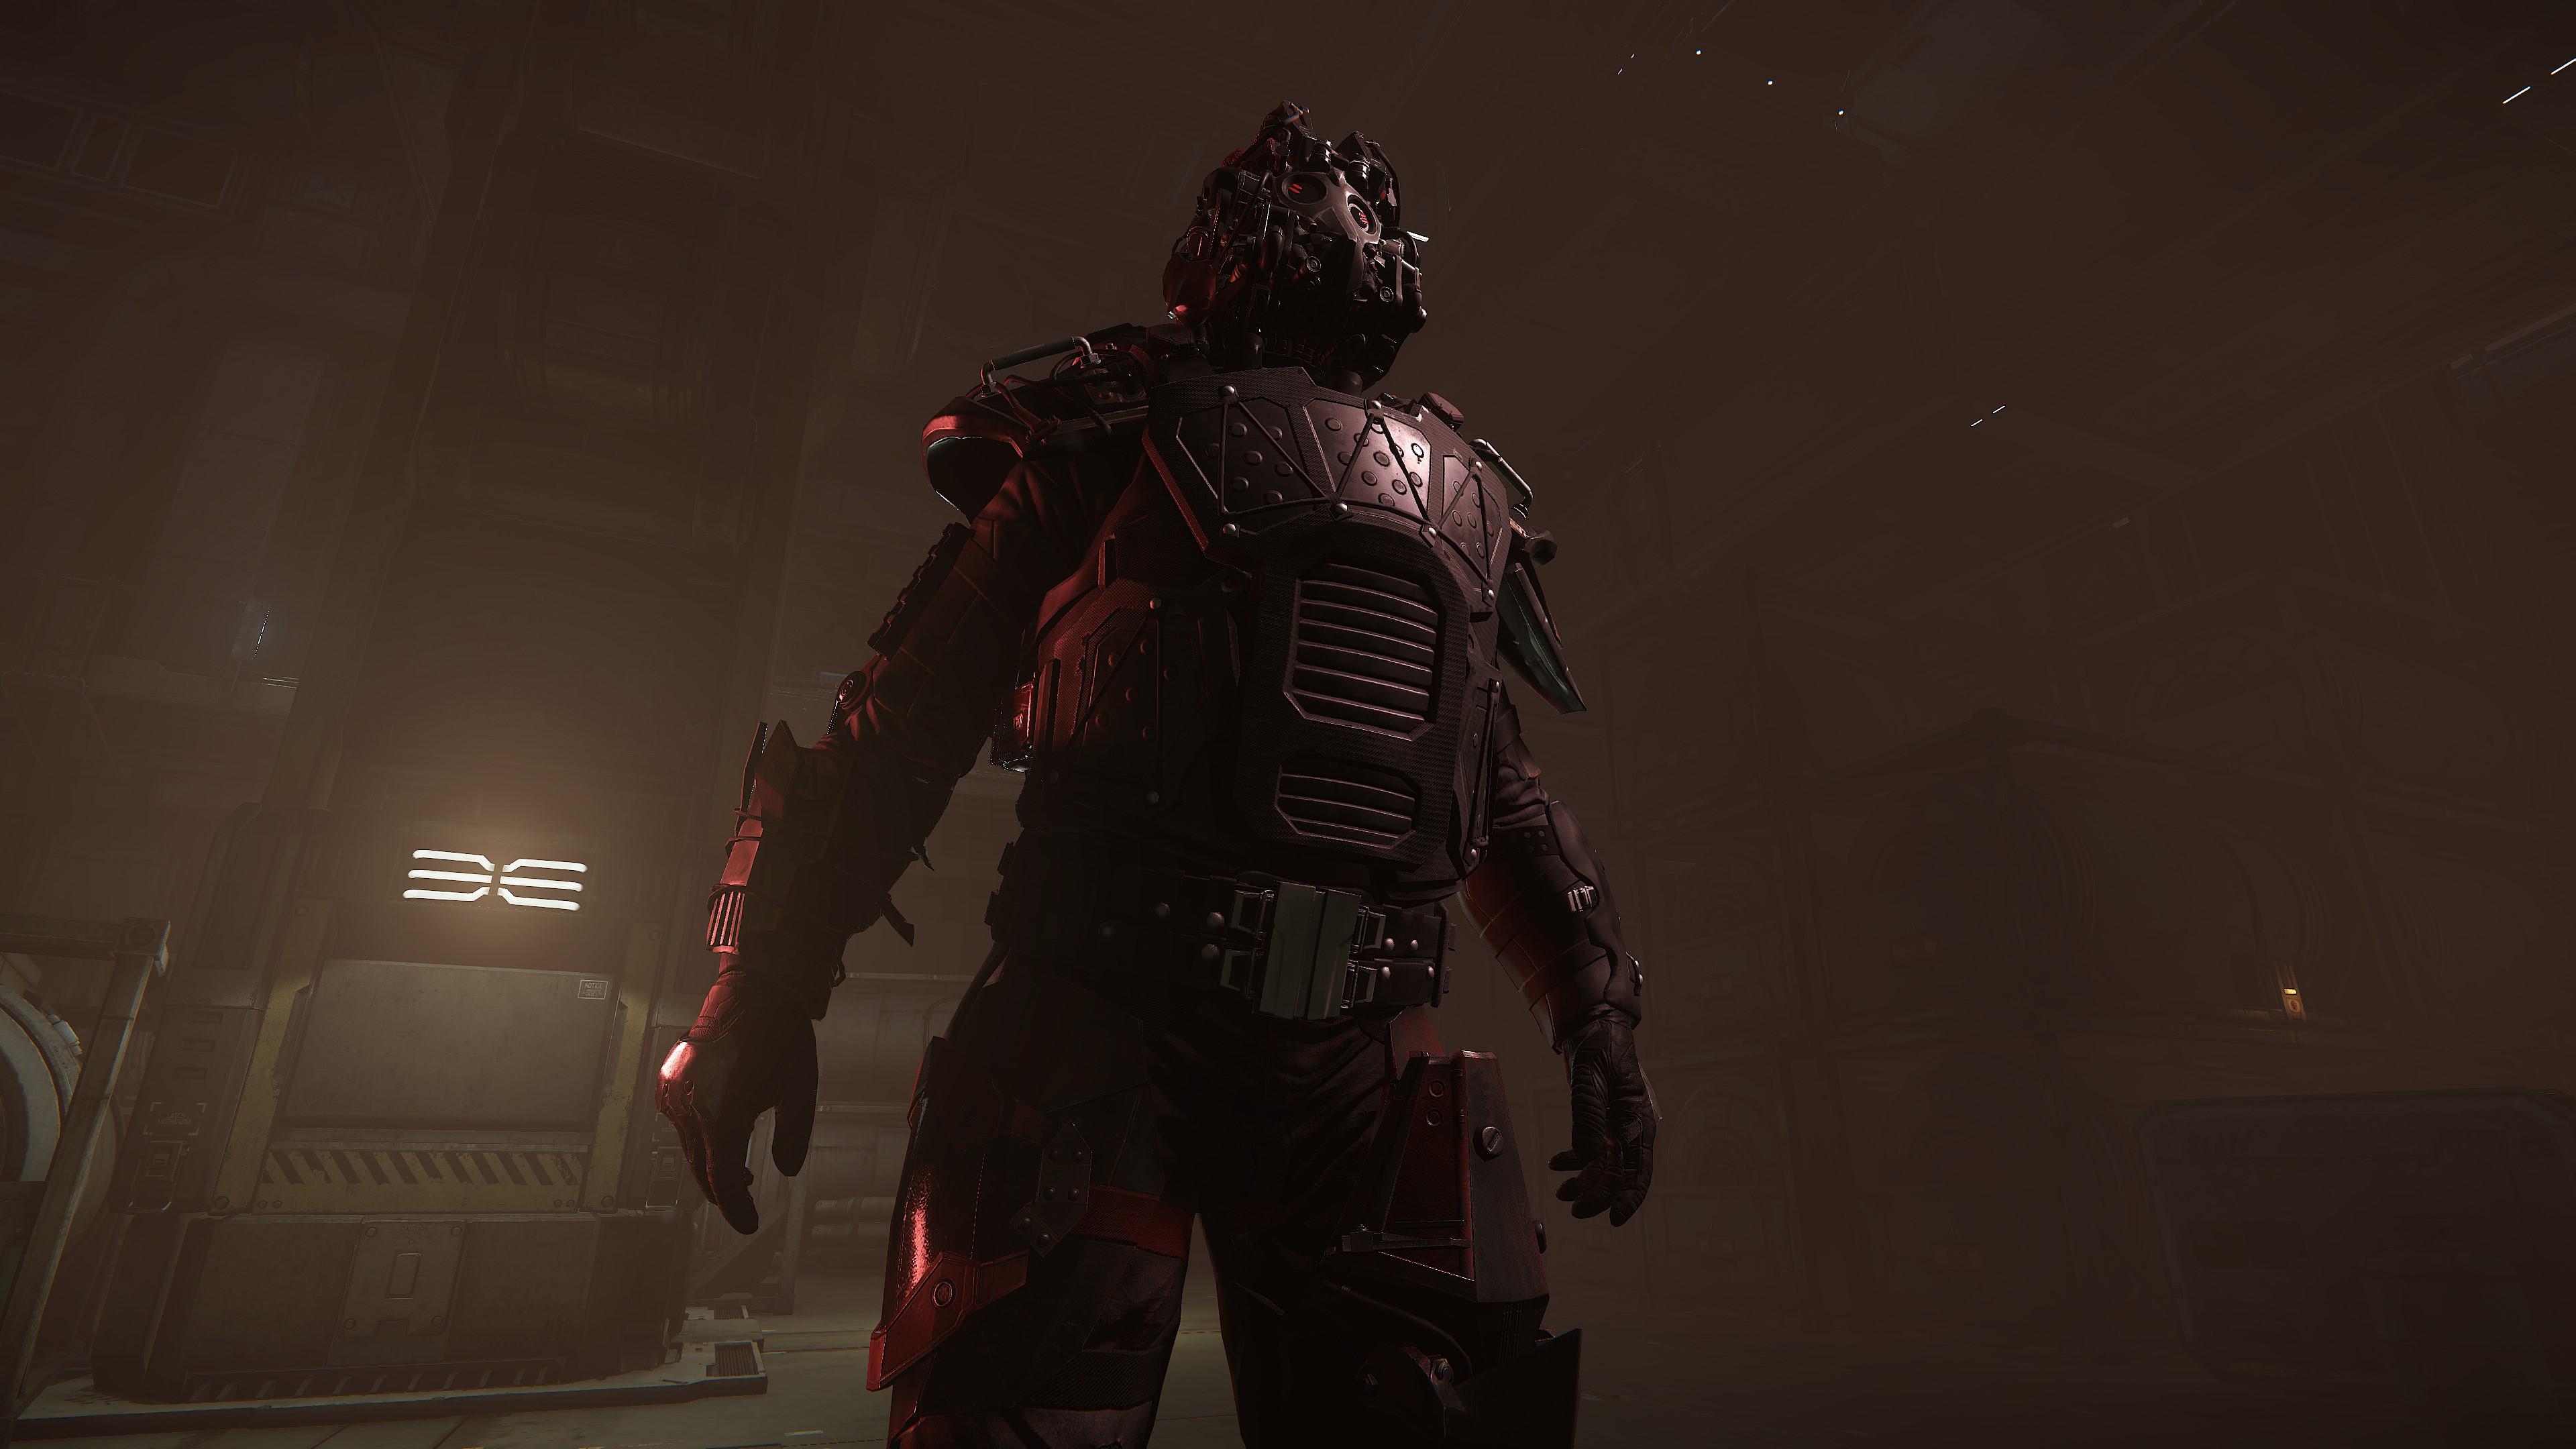 Outlaw_Heavy_Armor.jpg